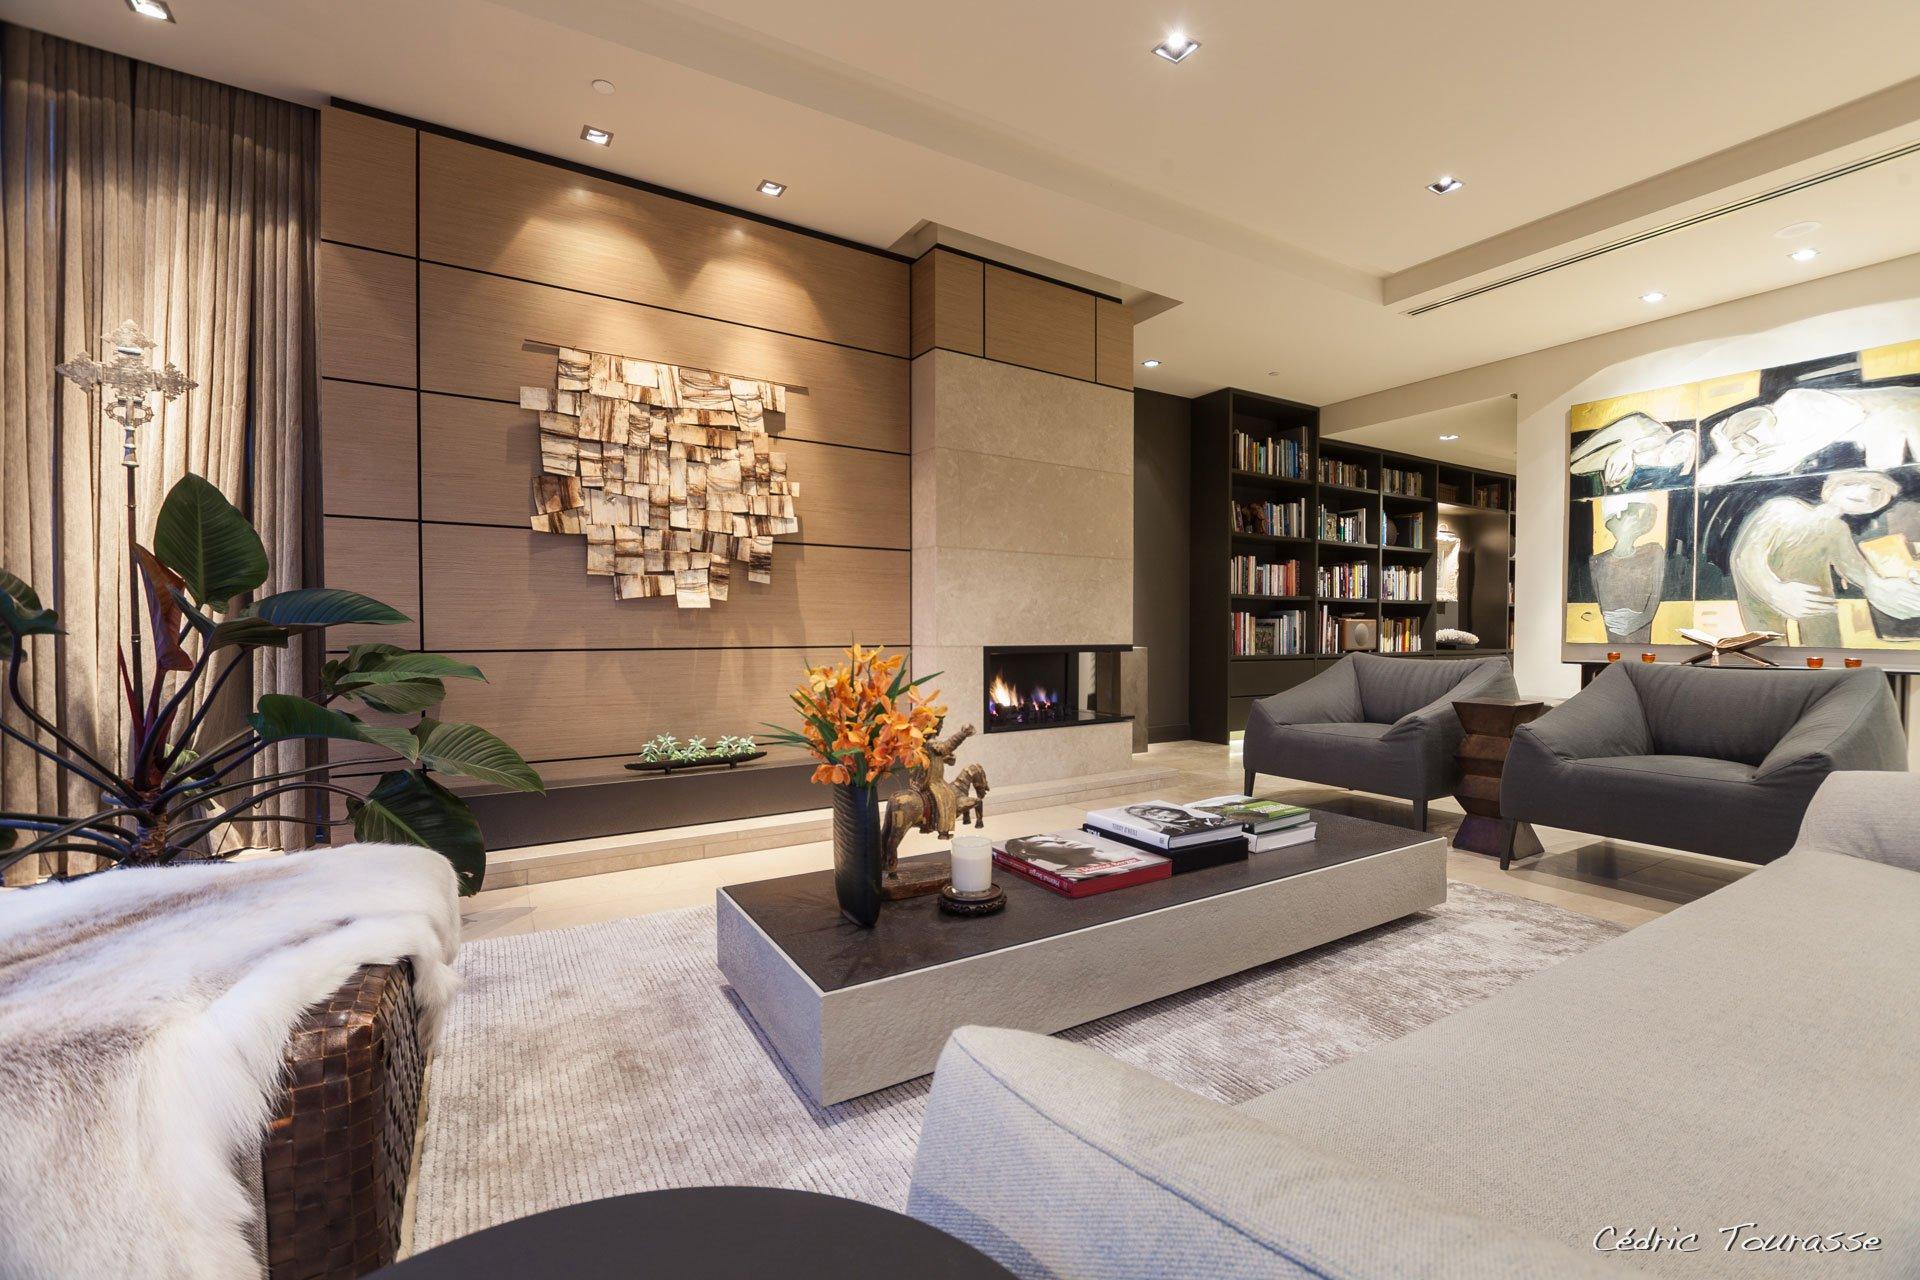 Home decor for residence apartment in the residence of Dayne van Bree and John Pegrum WPSFUBX